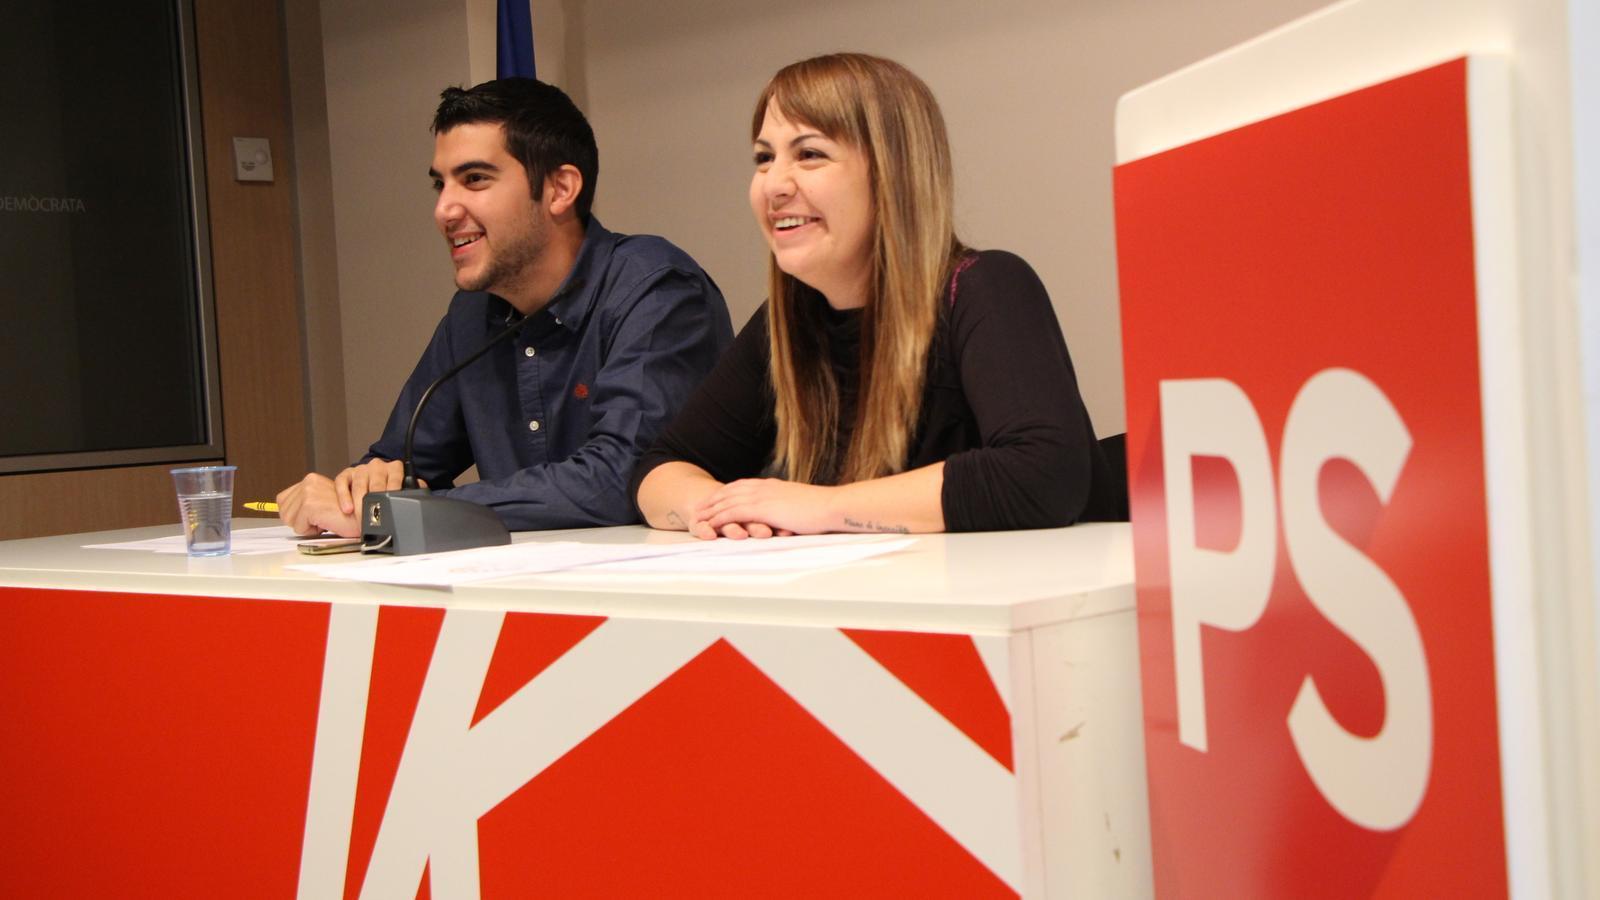 El coordinador de les JSA, Pere Baró, i la tresorera del partit, Cristina Valen, durant la roda de premsa de presentació. / M. M.